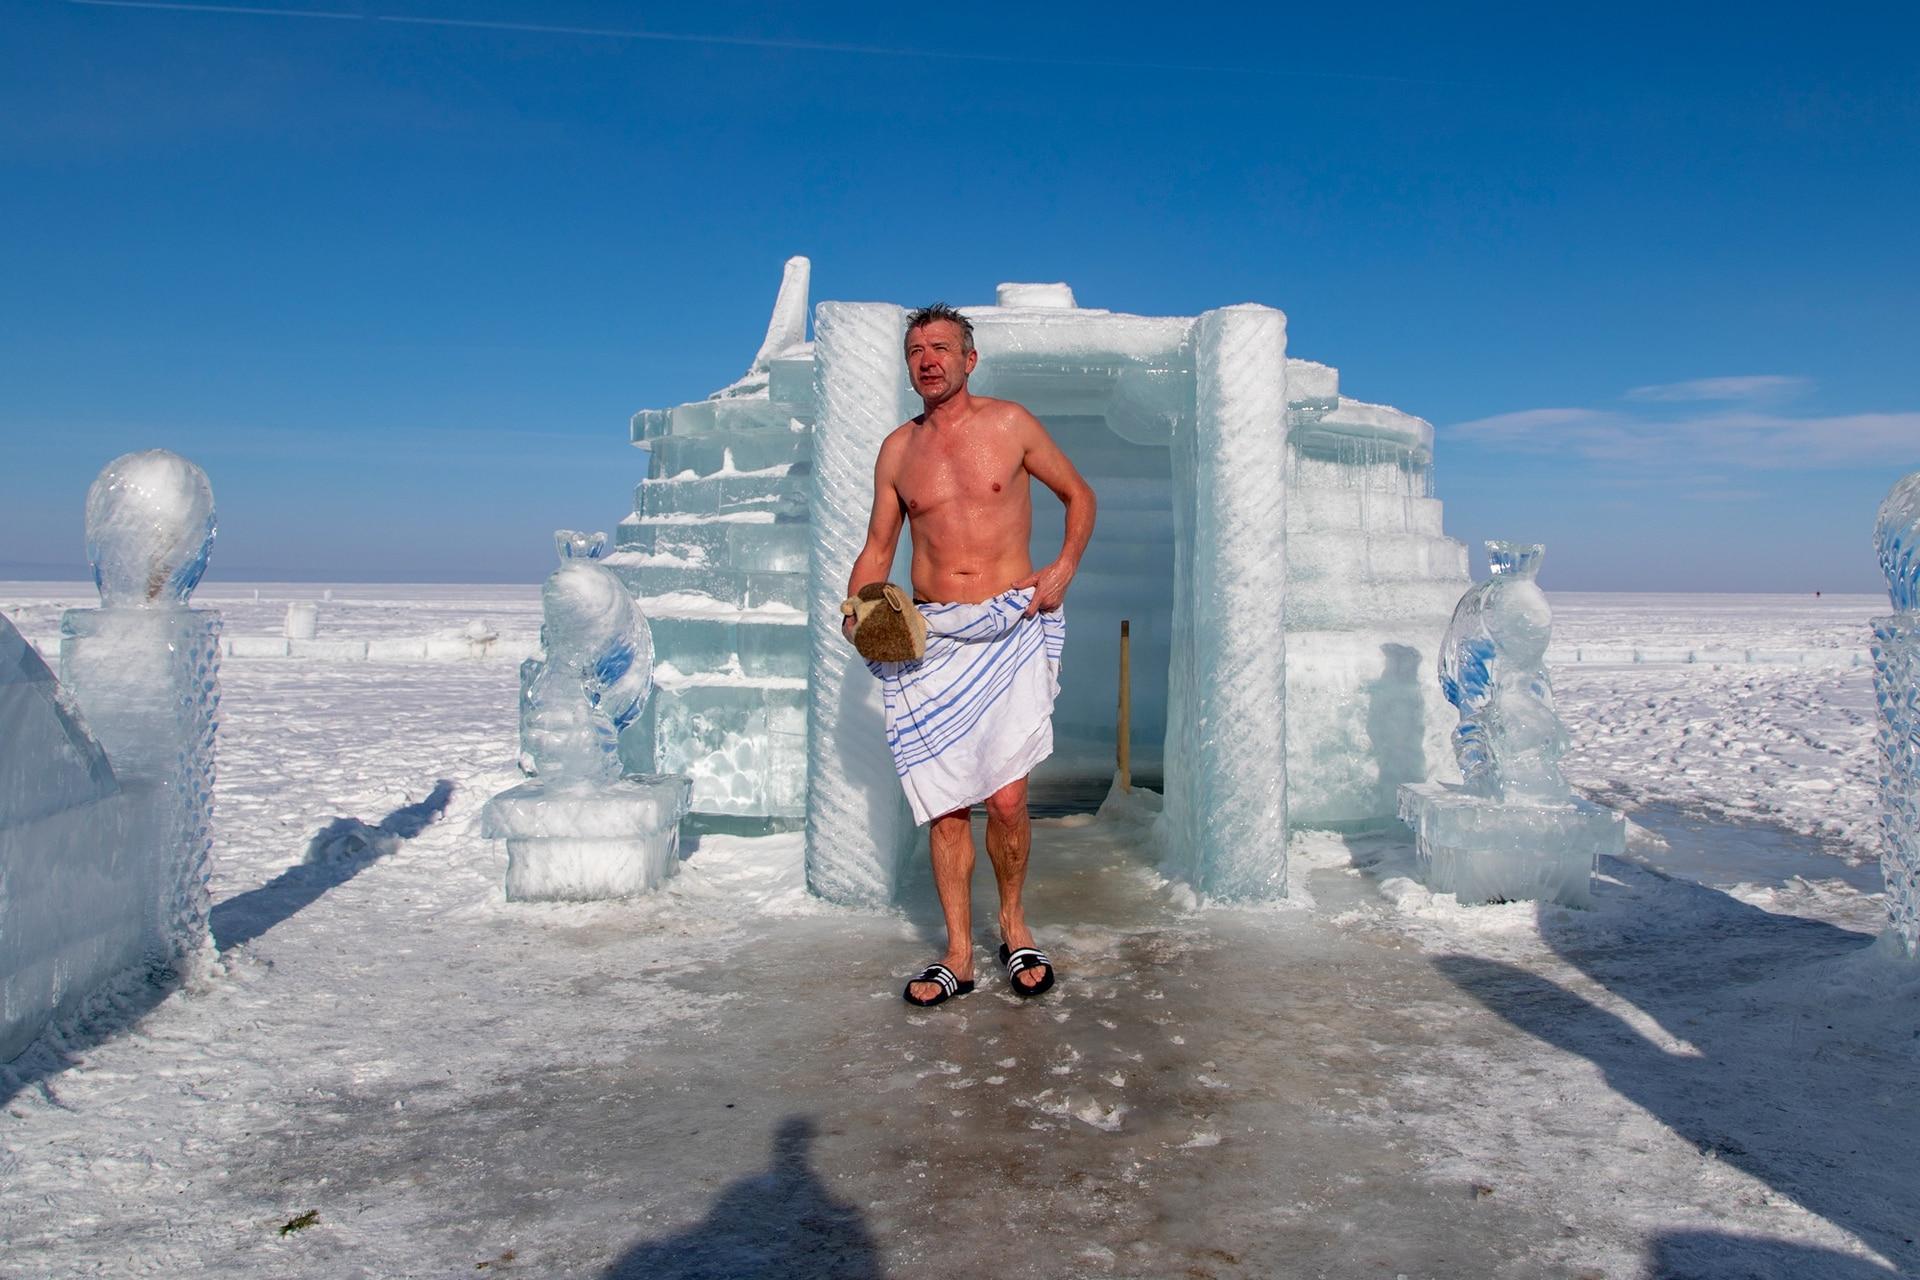 Baño revitalizante: una tradición rusa abonada por algunos corredores.